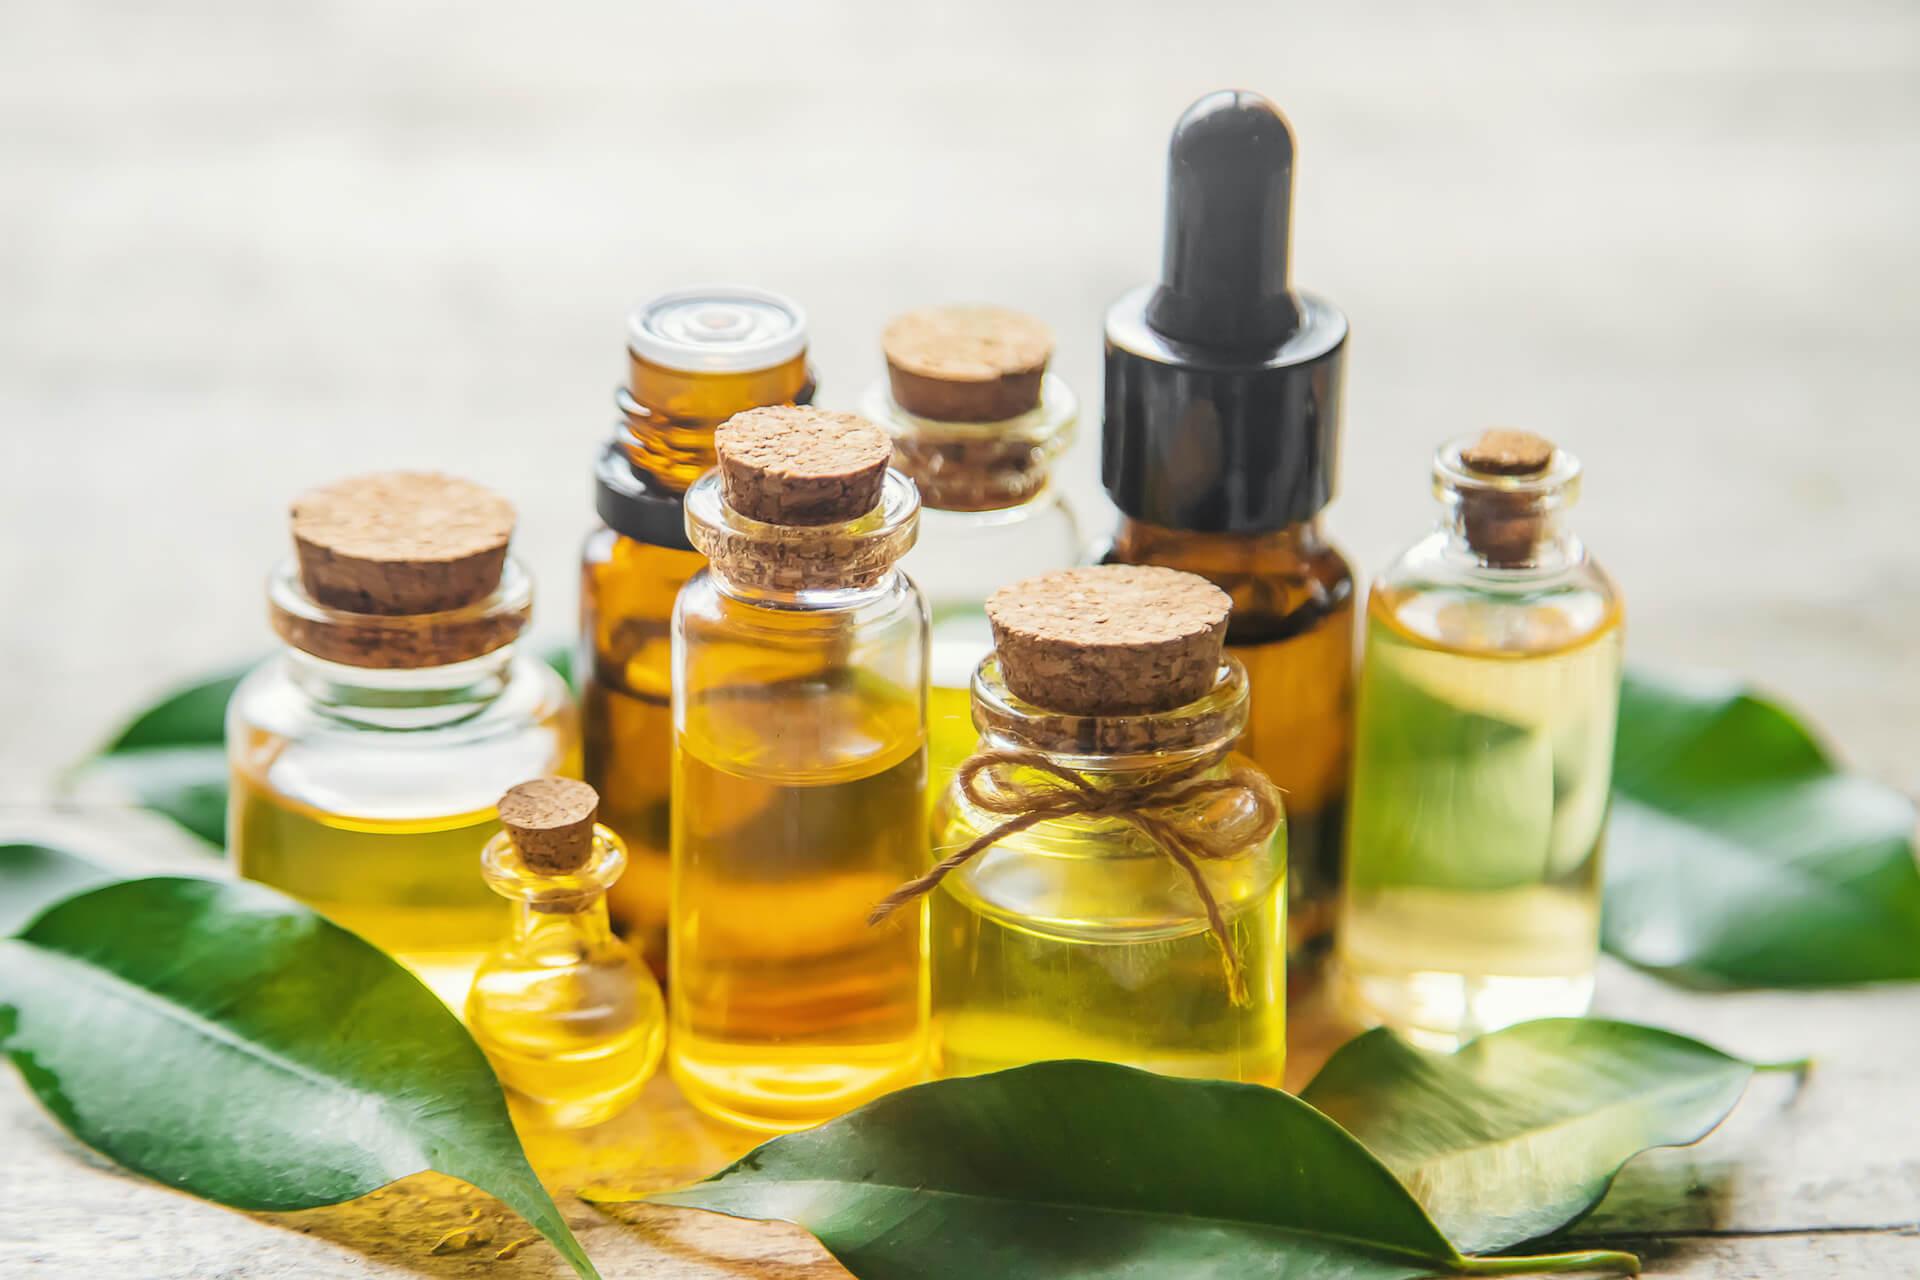 Eterična i bazna ulja u bočicama različitih veličina